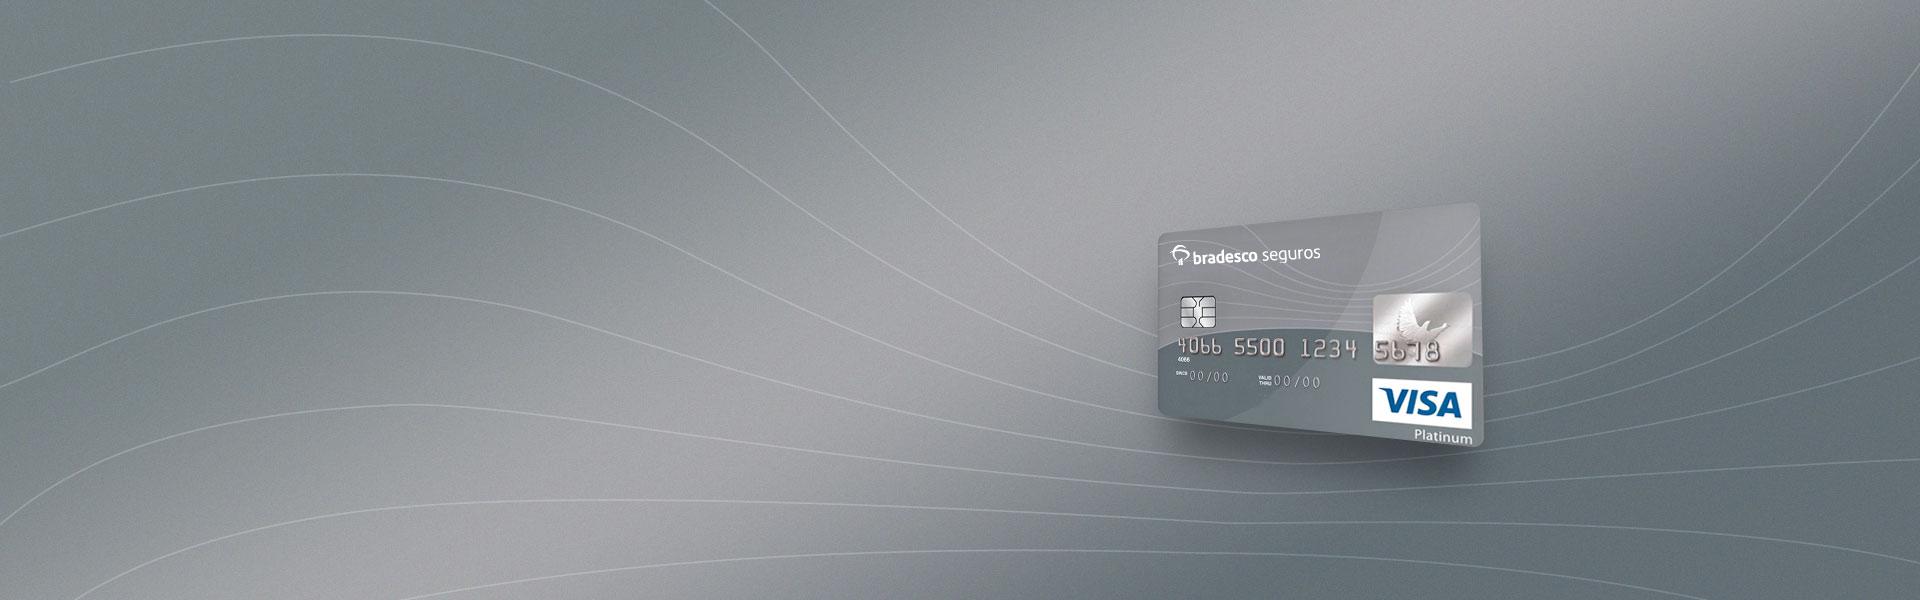 Detalhes - Cartão Visa Platinum Bradesco Seguros